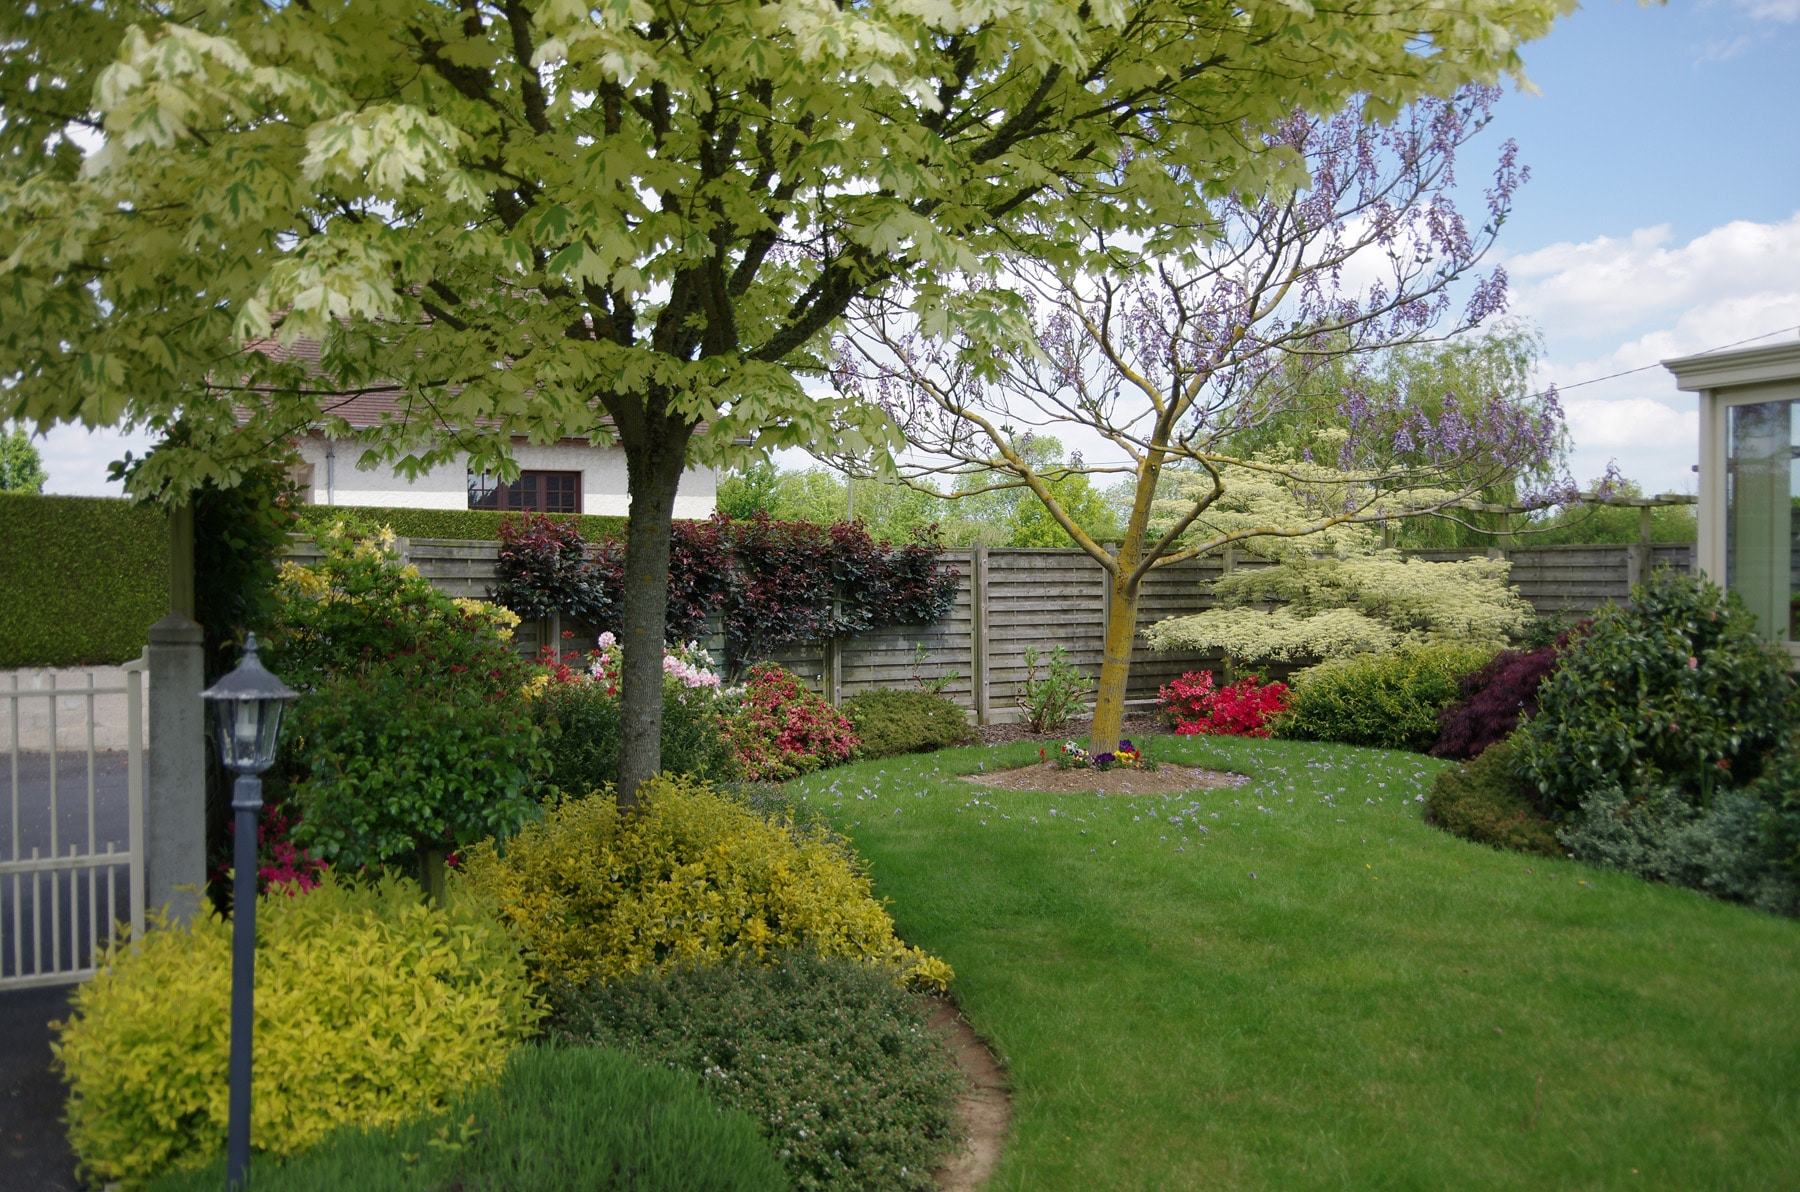 Plante Pour Jardin - Aménagement De Jardin | Paysages Conseil concernant Exemple D Aménagement De Jardin